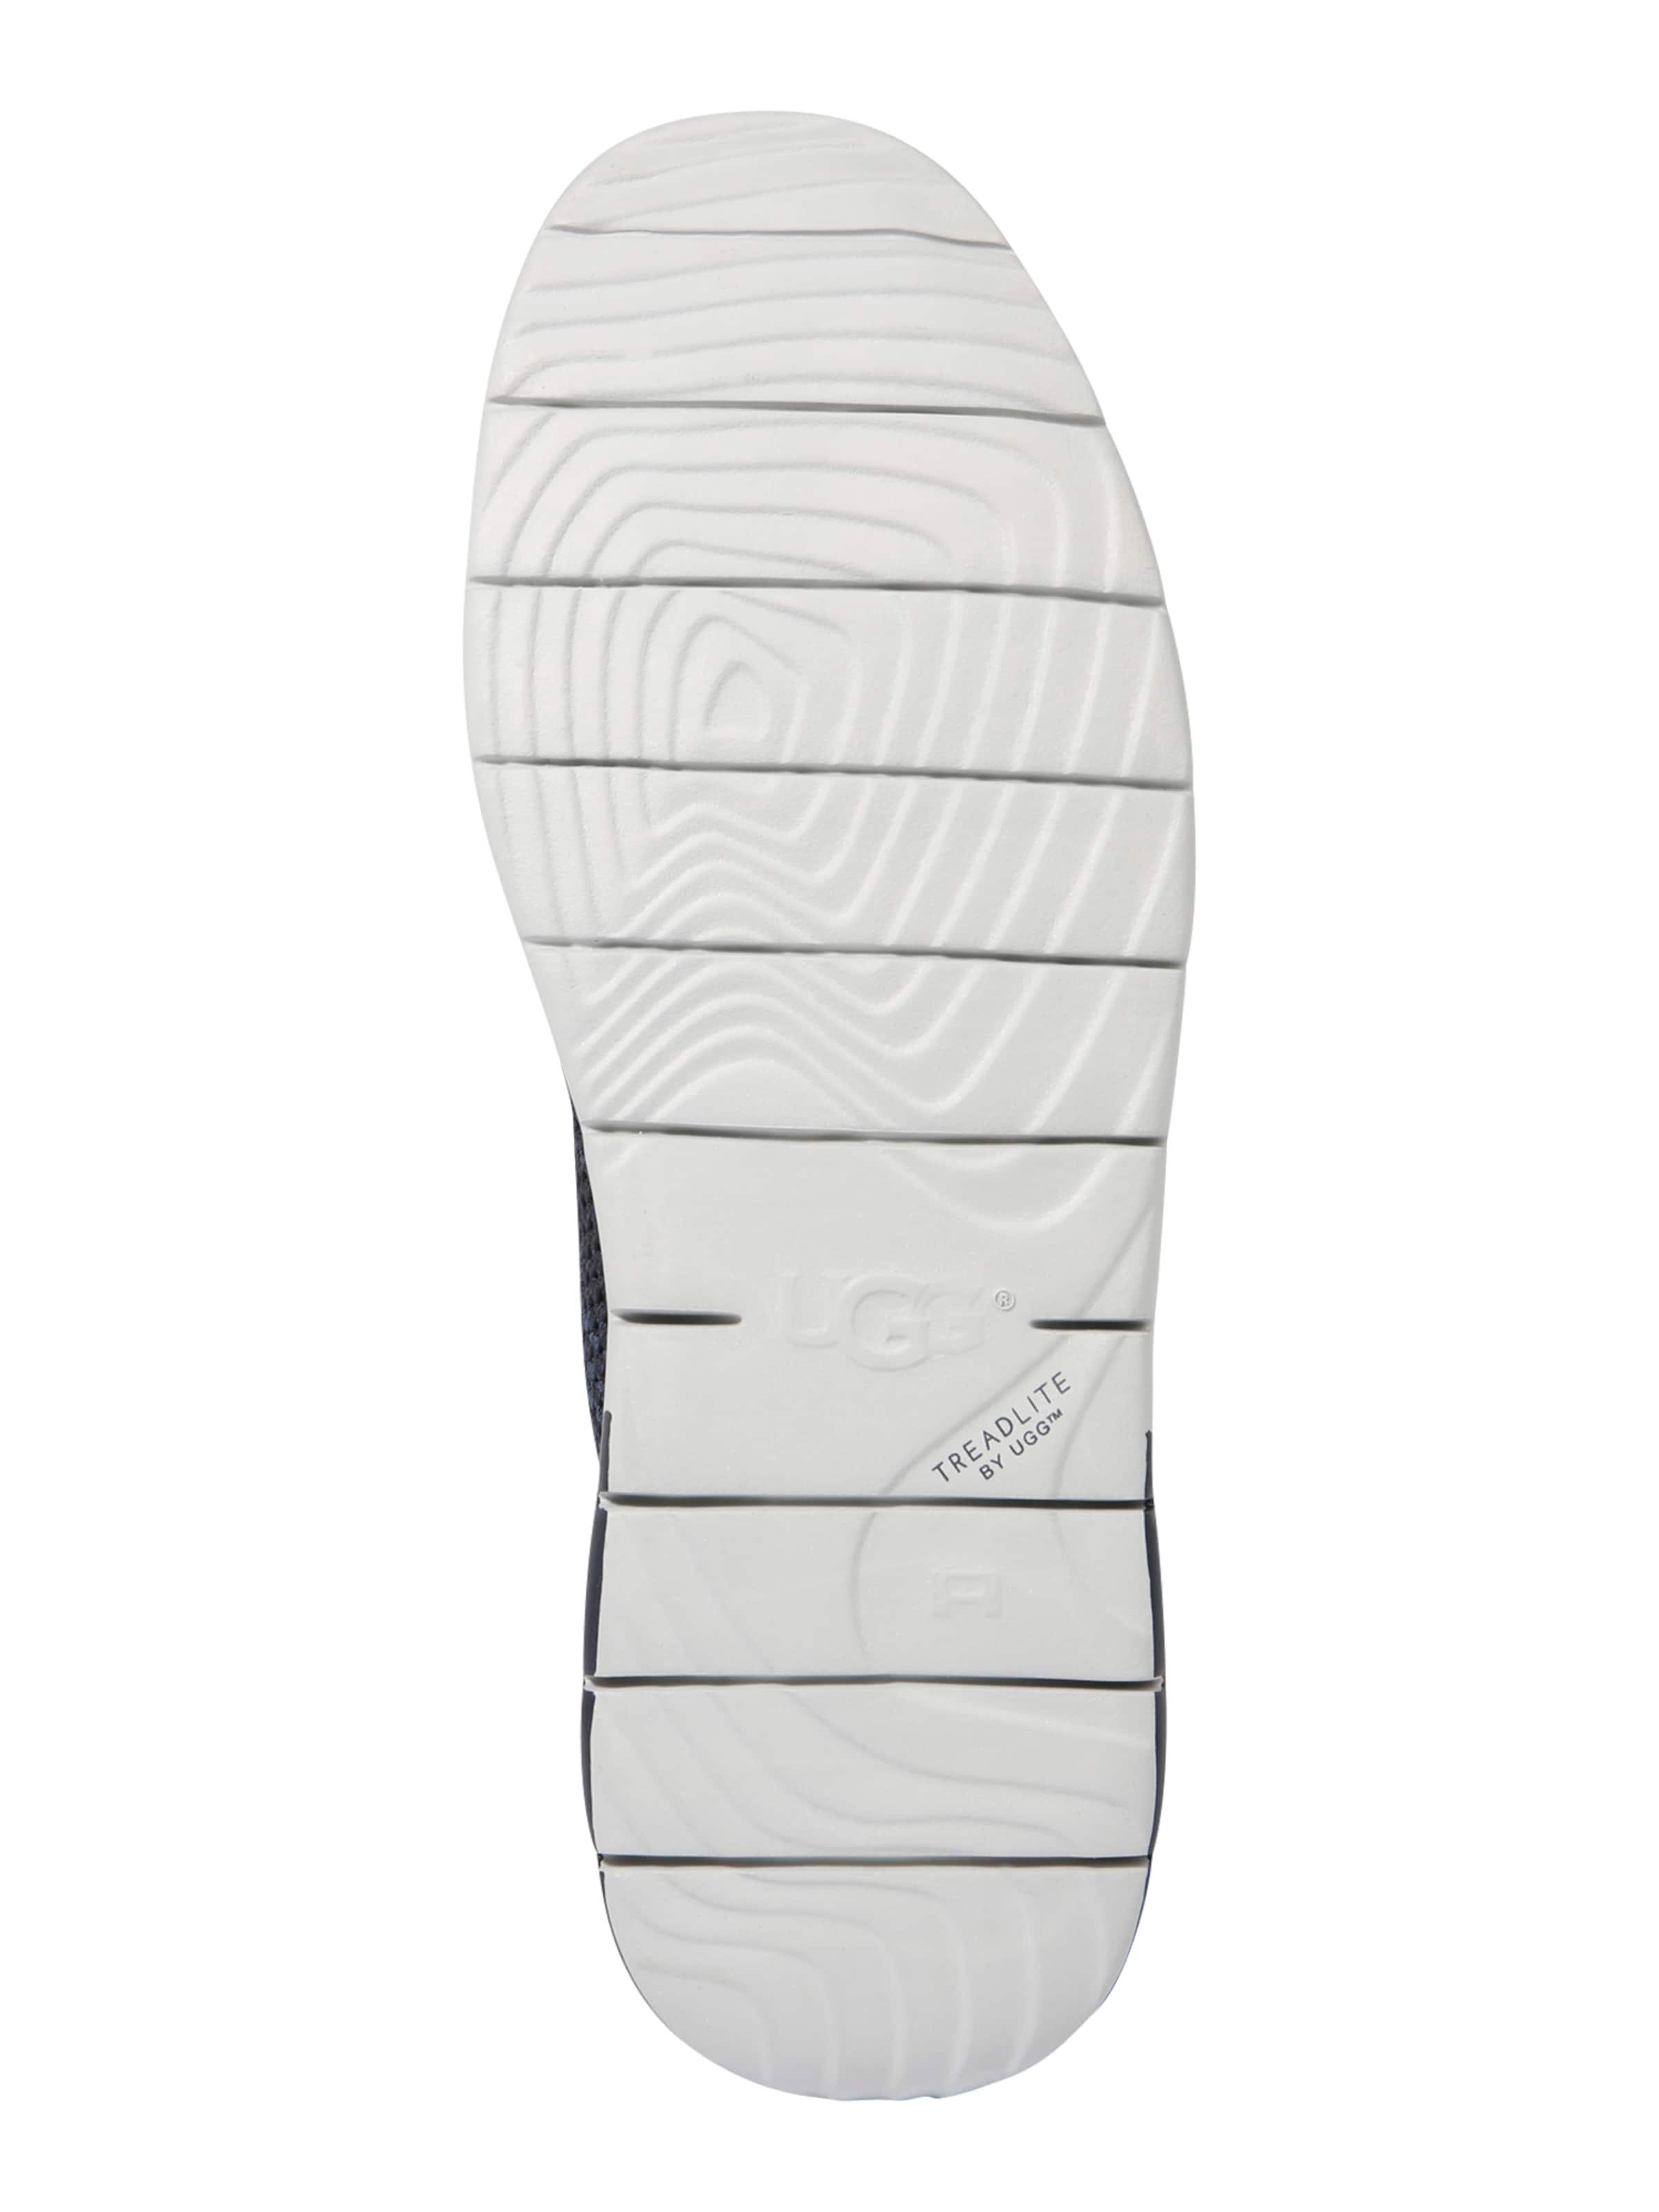 'm Hyperweave Navy Sneaker Feli 0' Ugg 2 In N80wOmvn